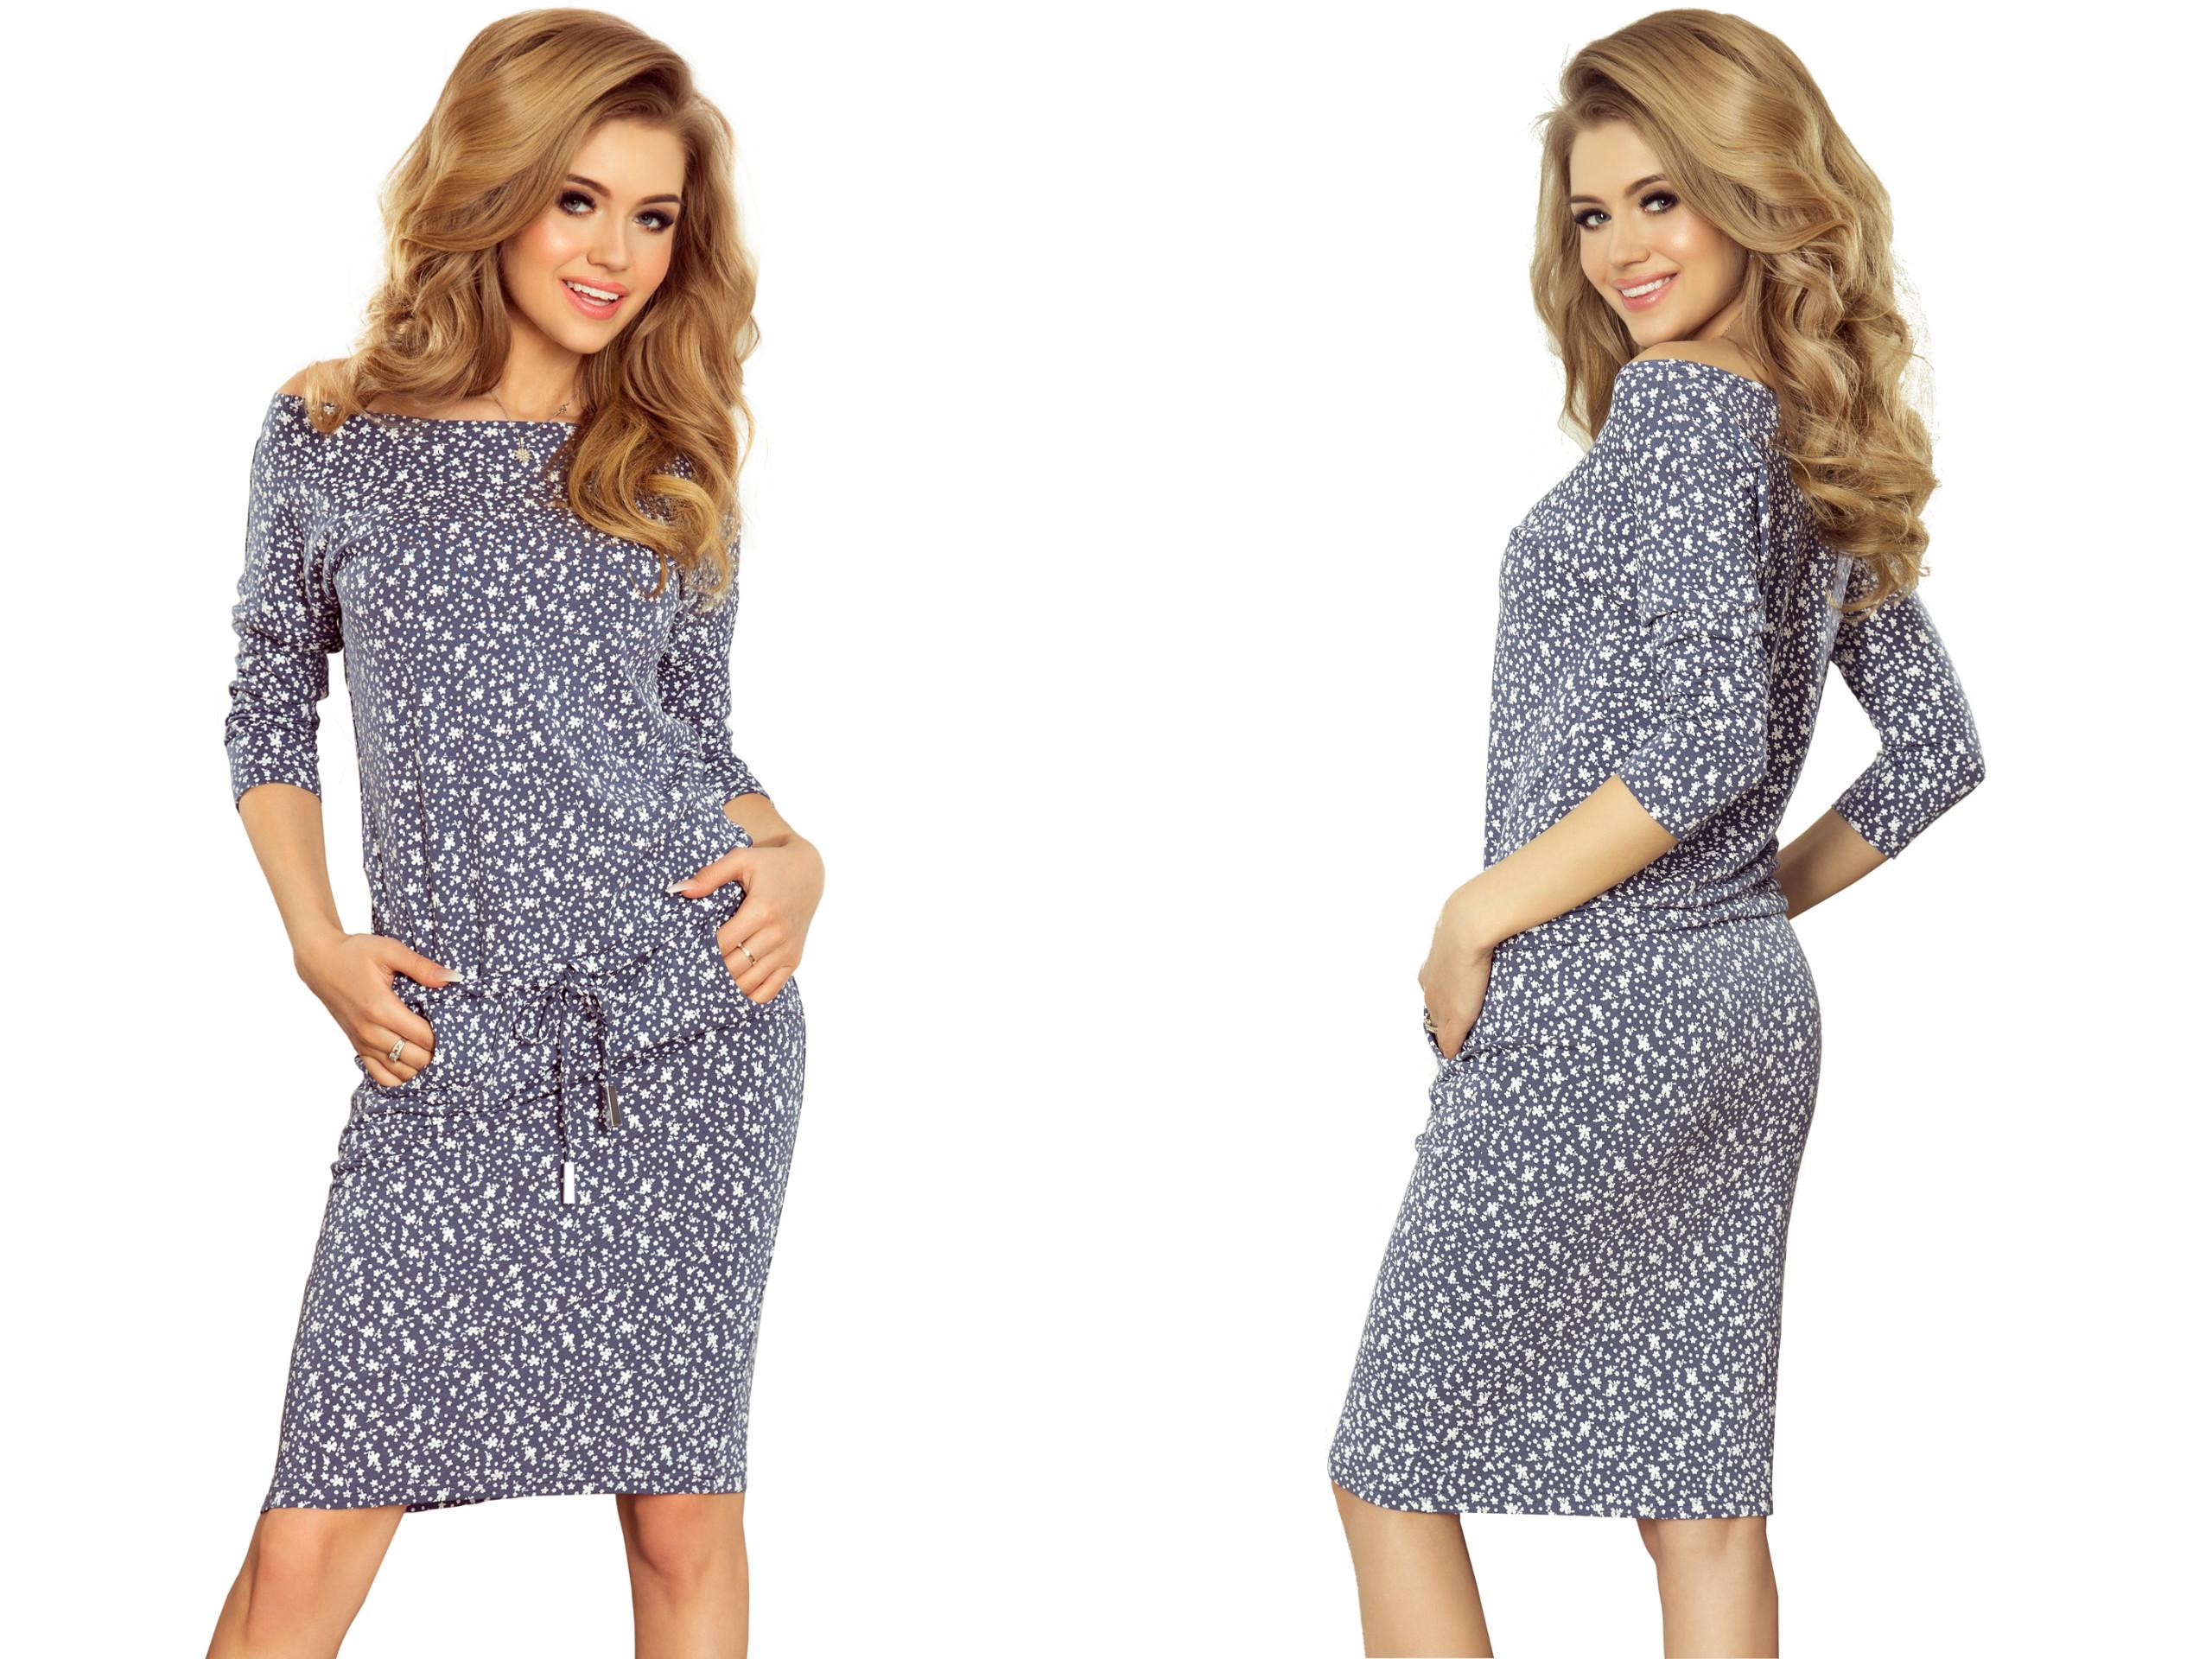 84437f0214 Modna Dopasowana Sukienka Z WIĄZANIEM 13-83 r.M 38 - 7301687742 ...